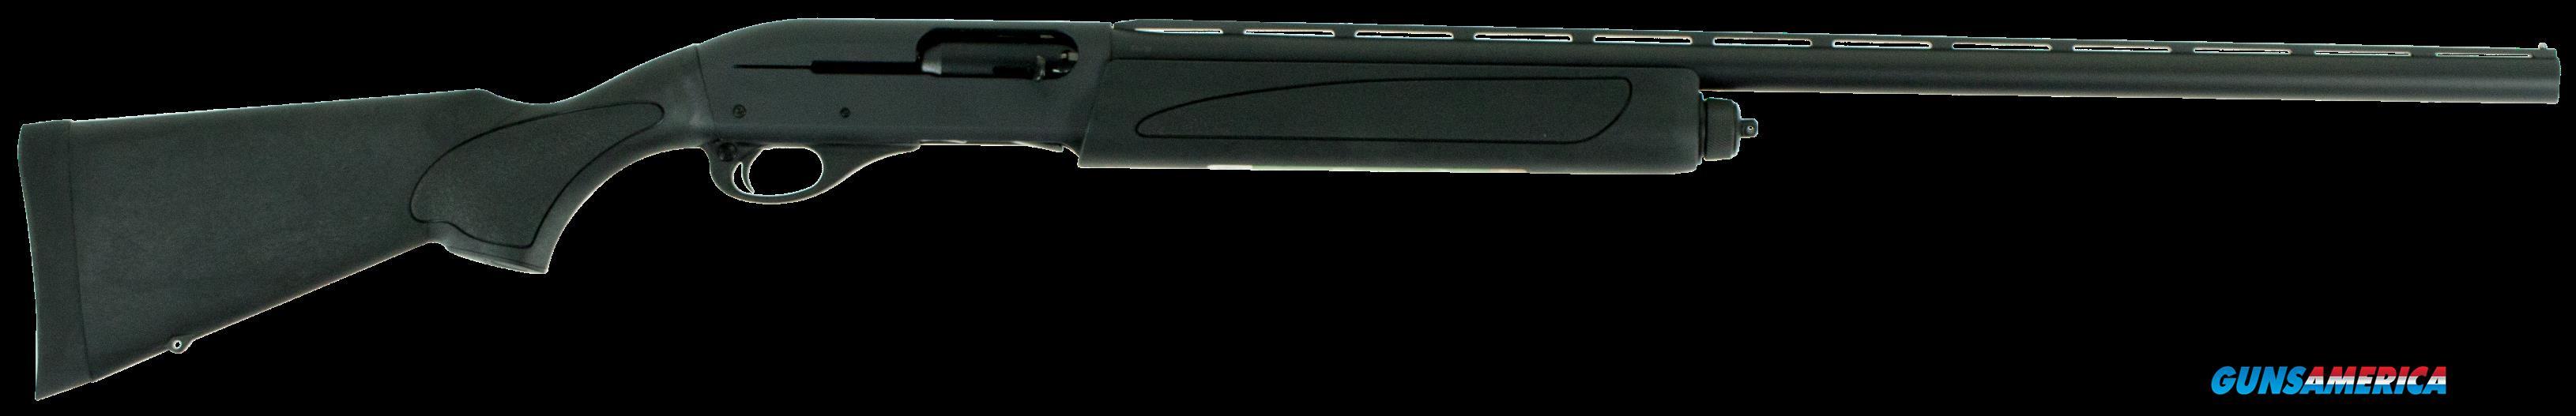 Remington Firearms 11-87, Rem 29879 1187 Sptmn 12 28rcmd     Blk  Guns > Pistols > 1911 Pistol Copies (non-Colt)